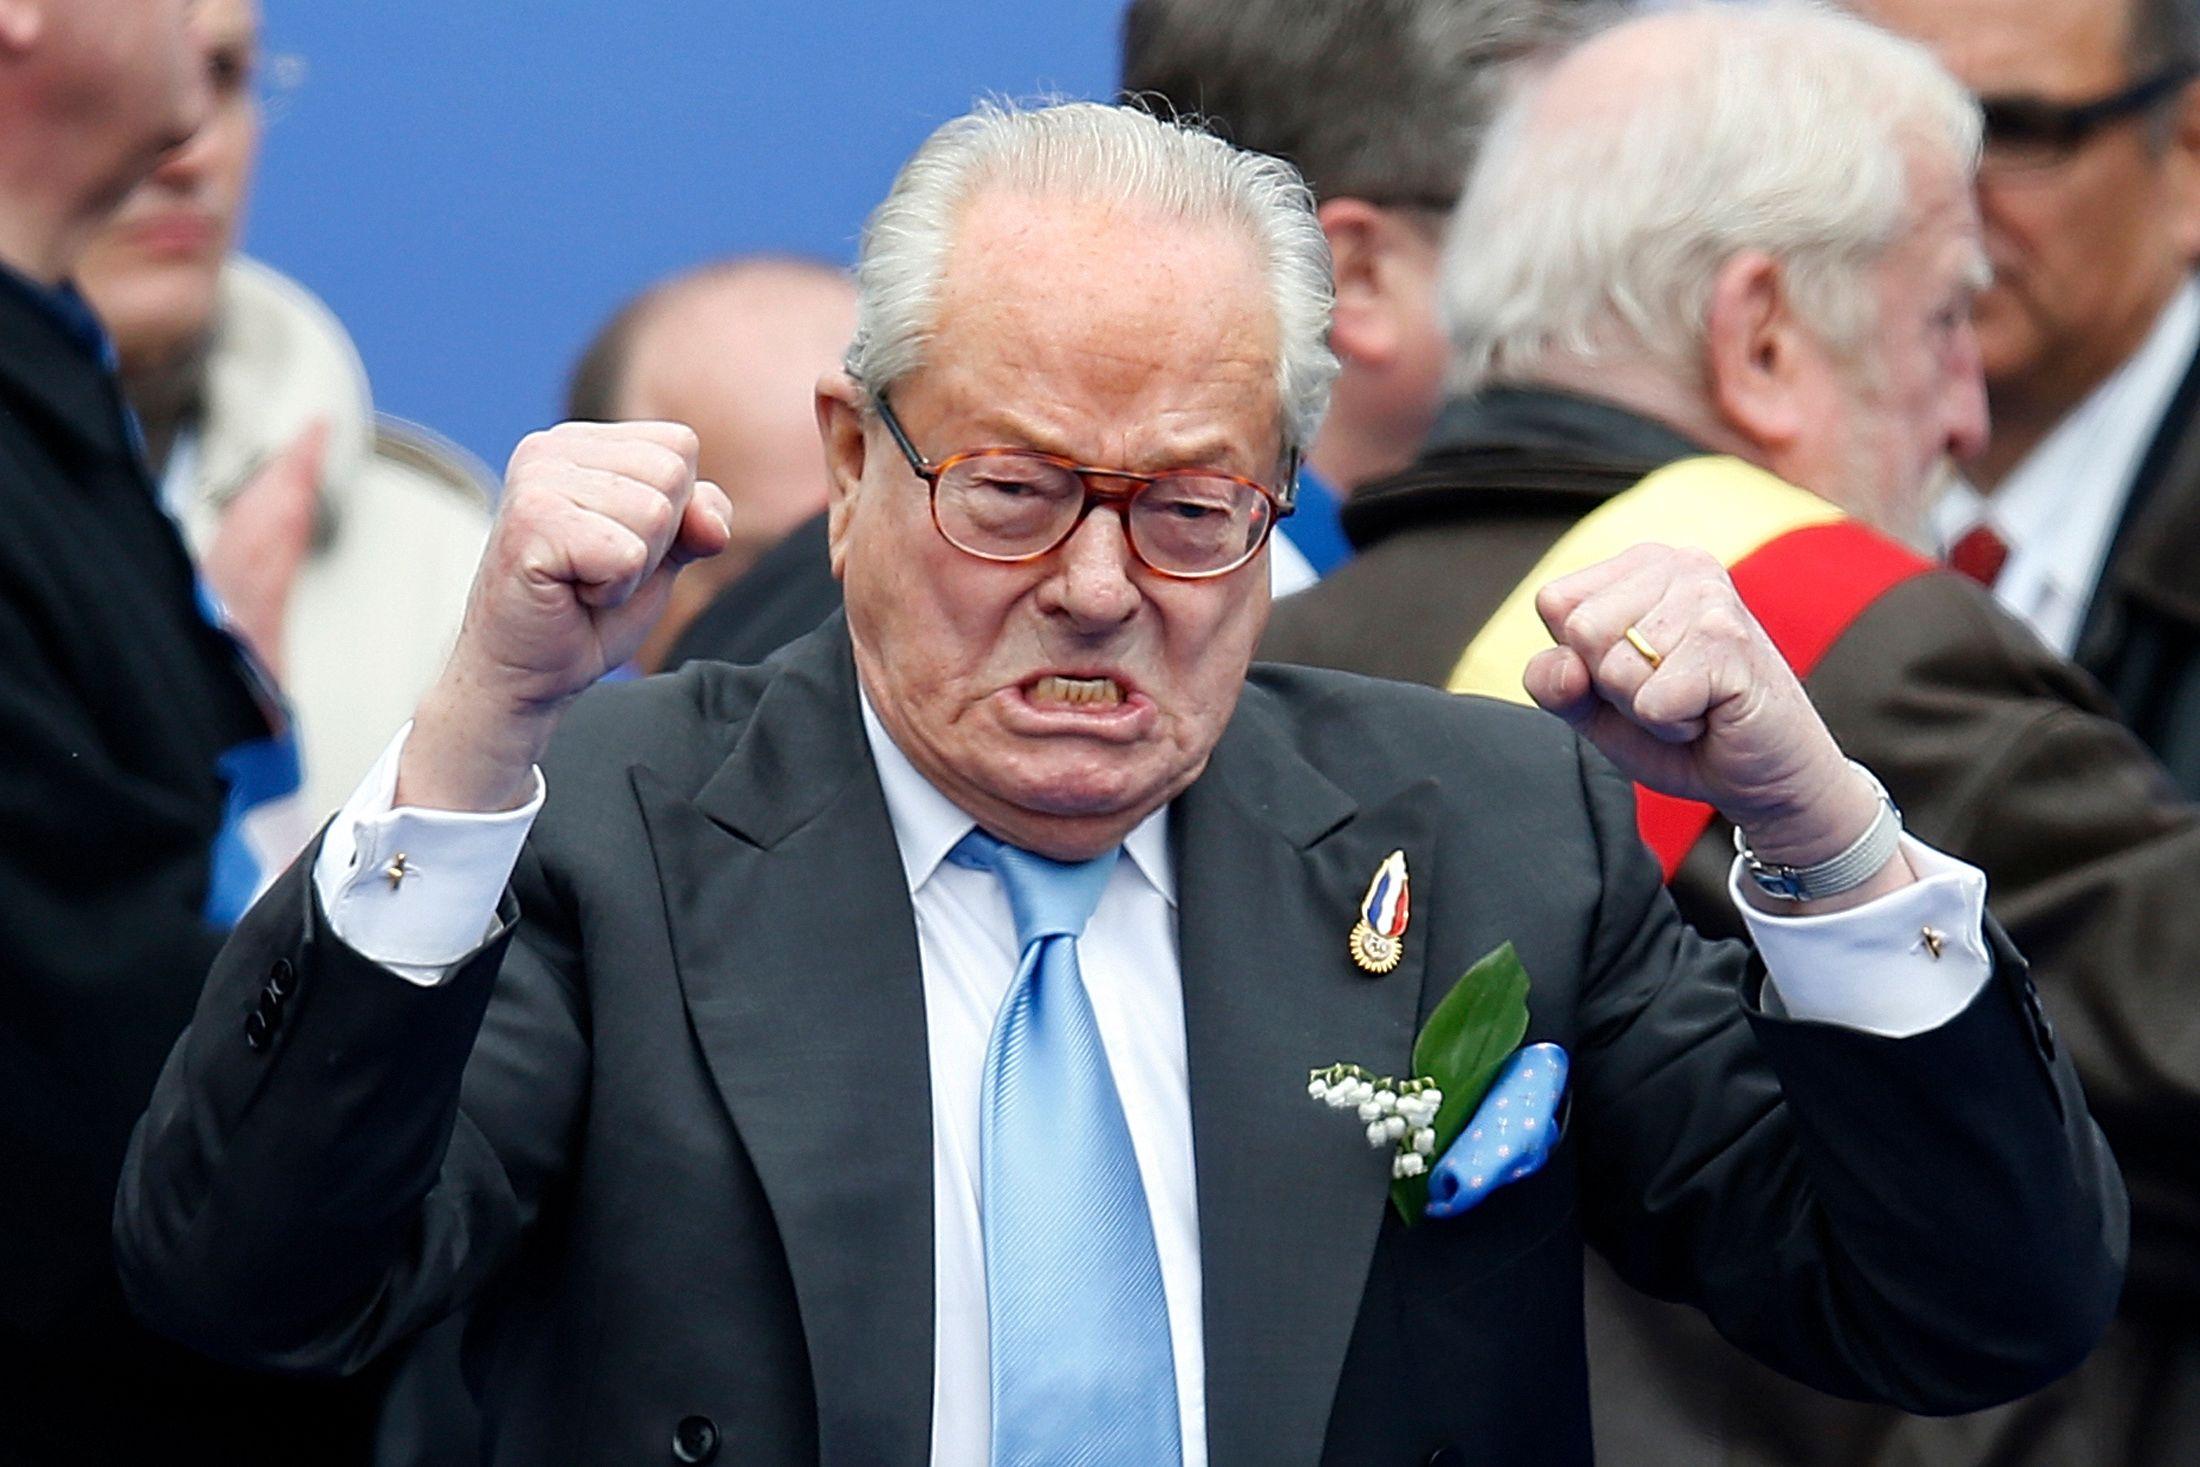 Le président d'honneur du Front national fait une nouvelle fois polémique.